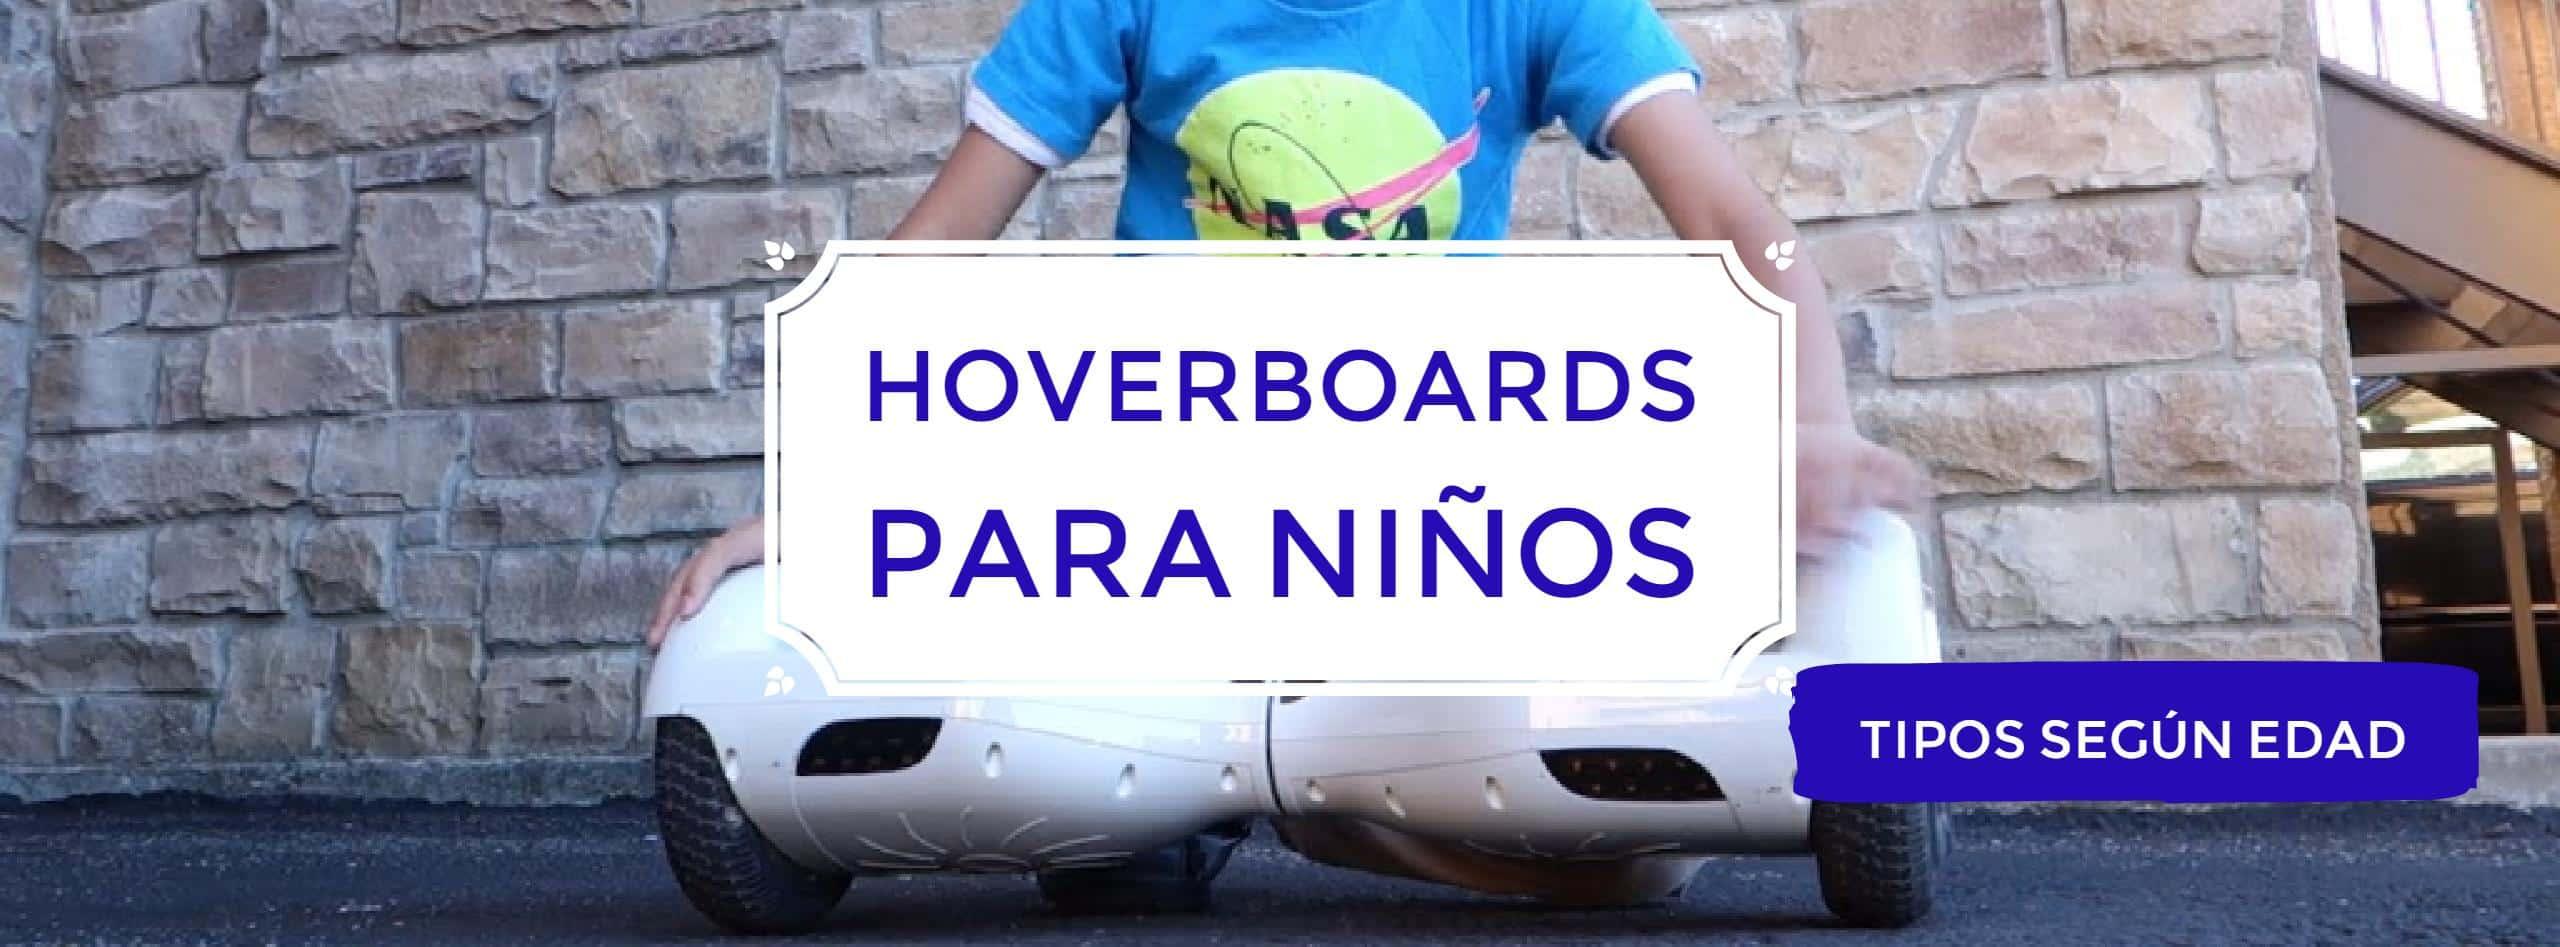 - Hoverboard para niños